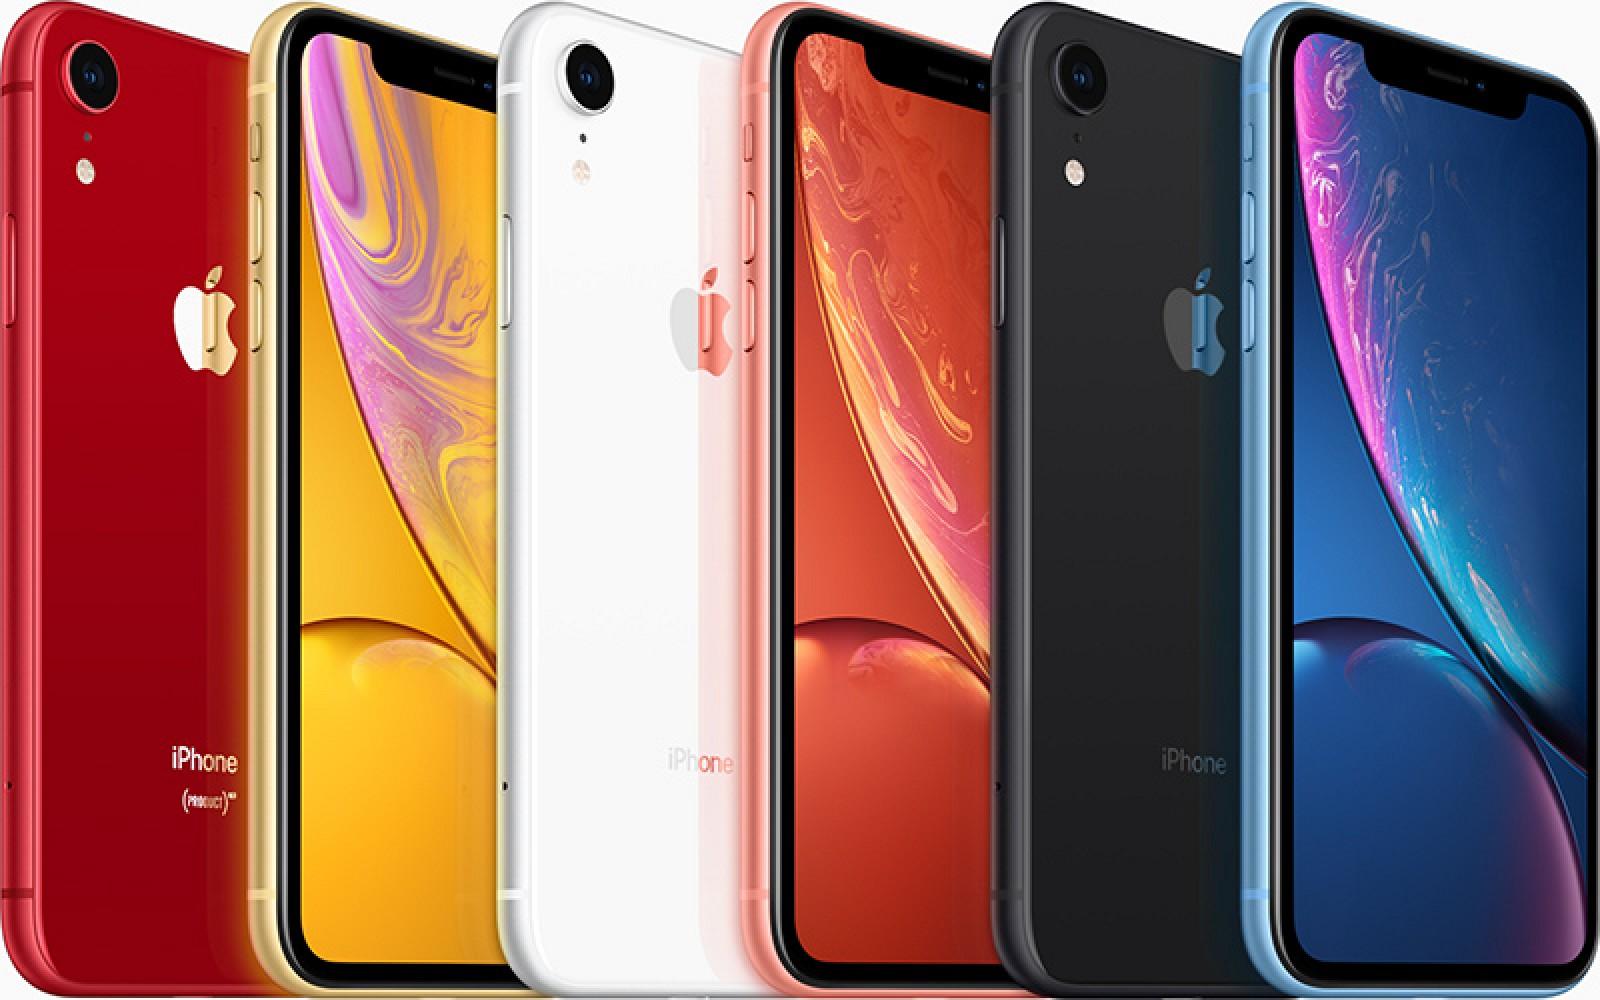 La promoción del iPhone XS y el iPhone XR por tiempo limitado de Apple terminan el 4 de marzo en Australia